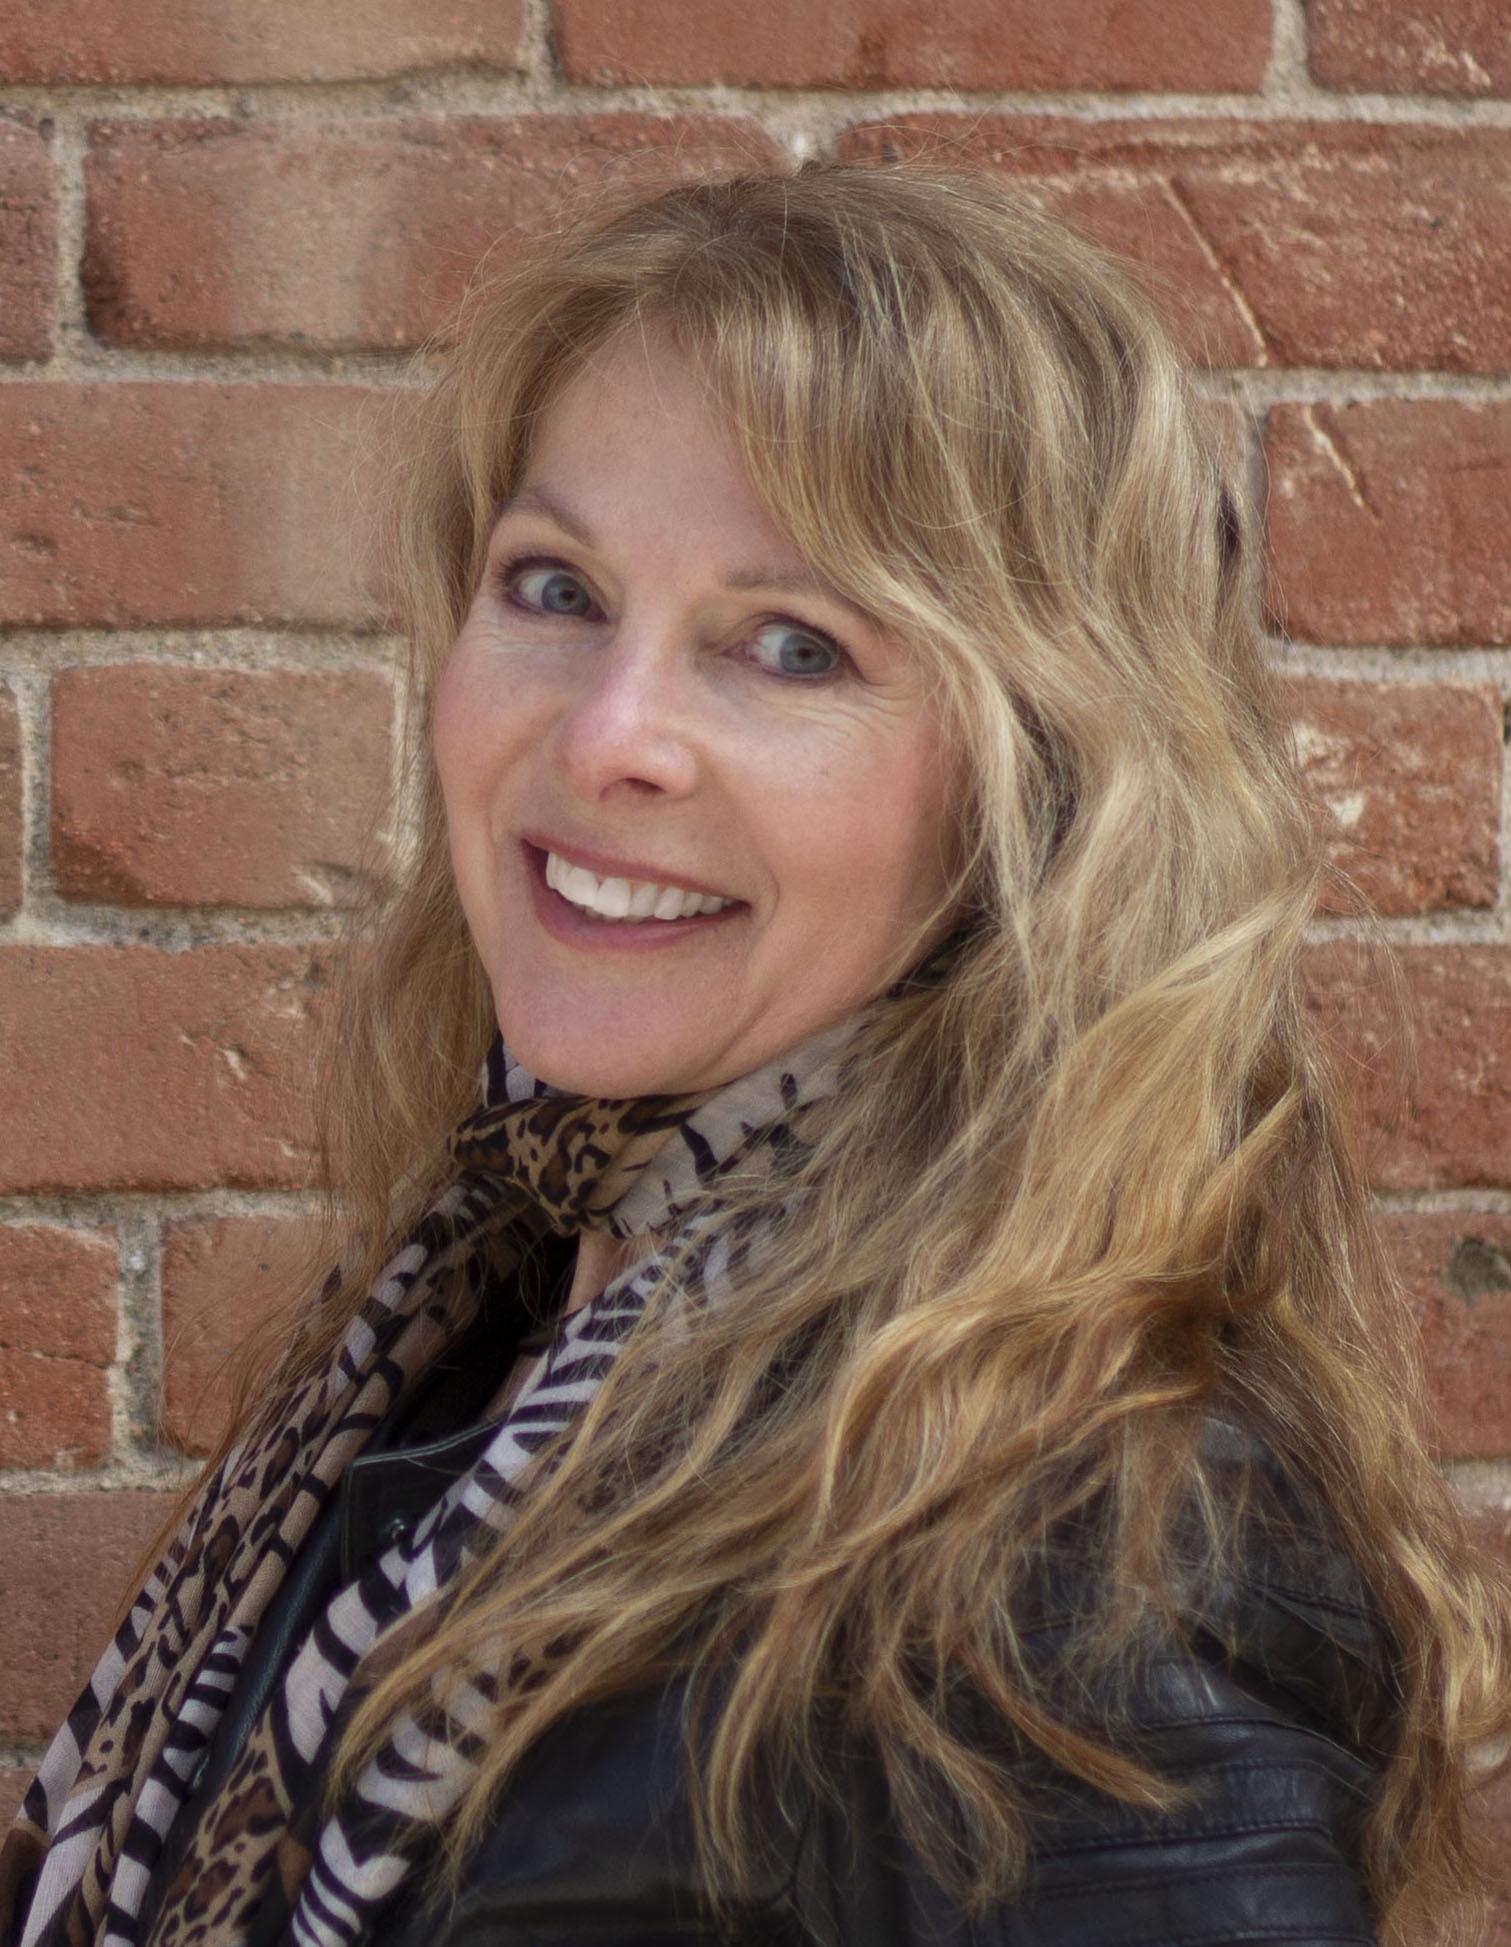 Tammy Pipkin